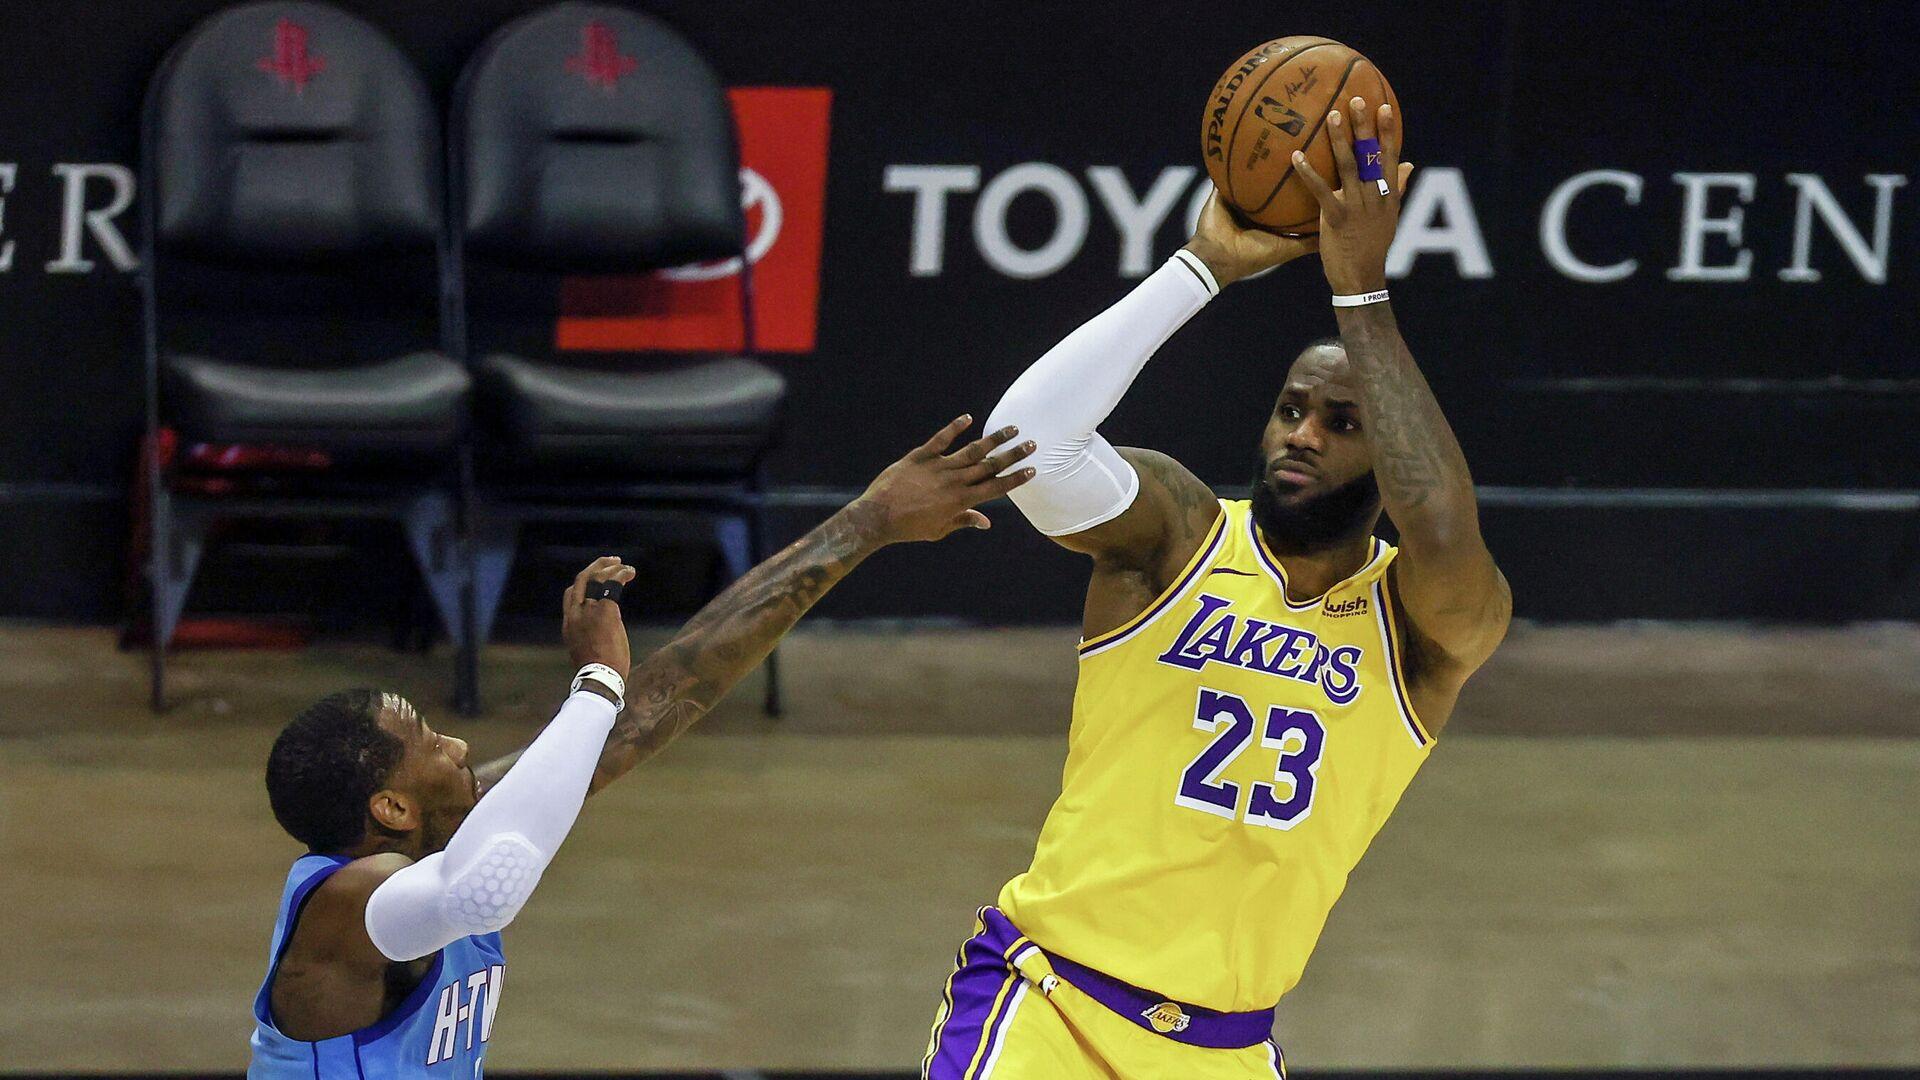 Игровой момент матча НБА Лос-Анджелес Лейкерс - Хьюстон Рокетс - РИА Новости, 1920, 16.01.2021